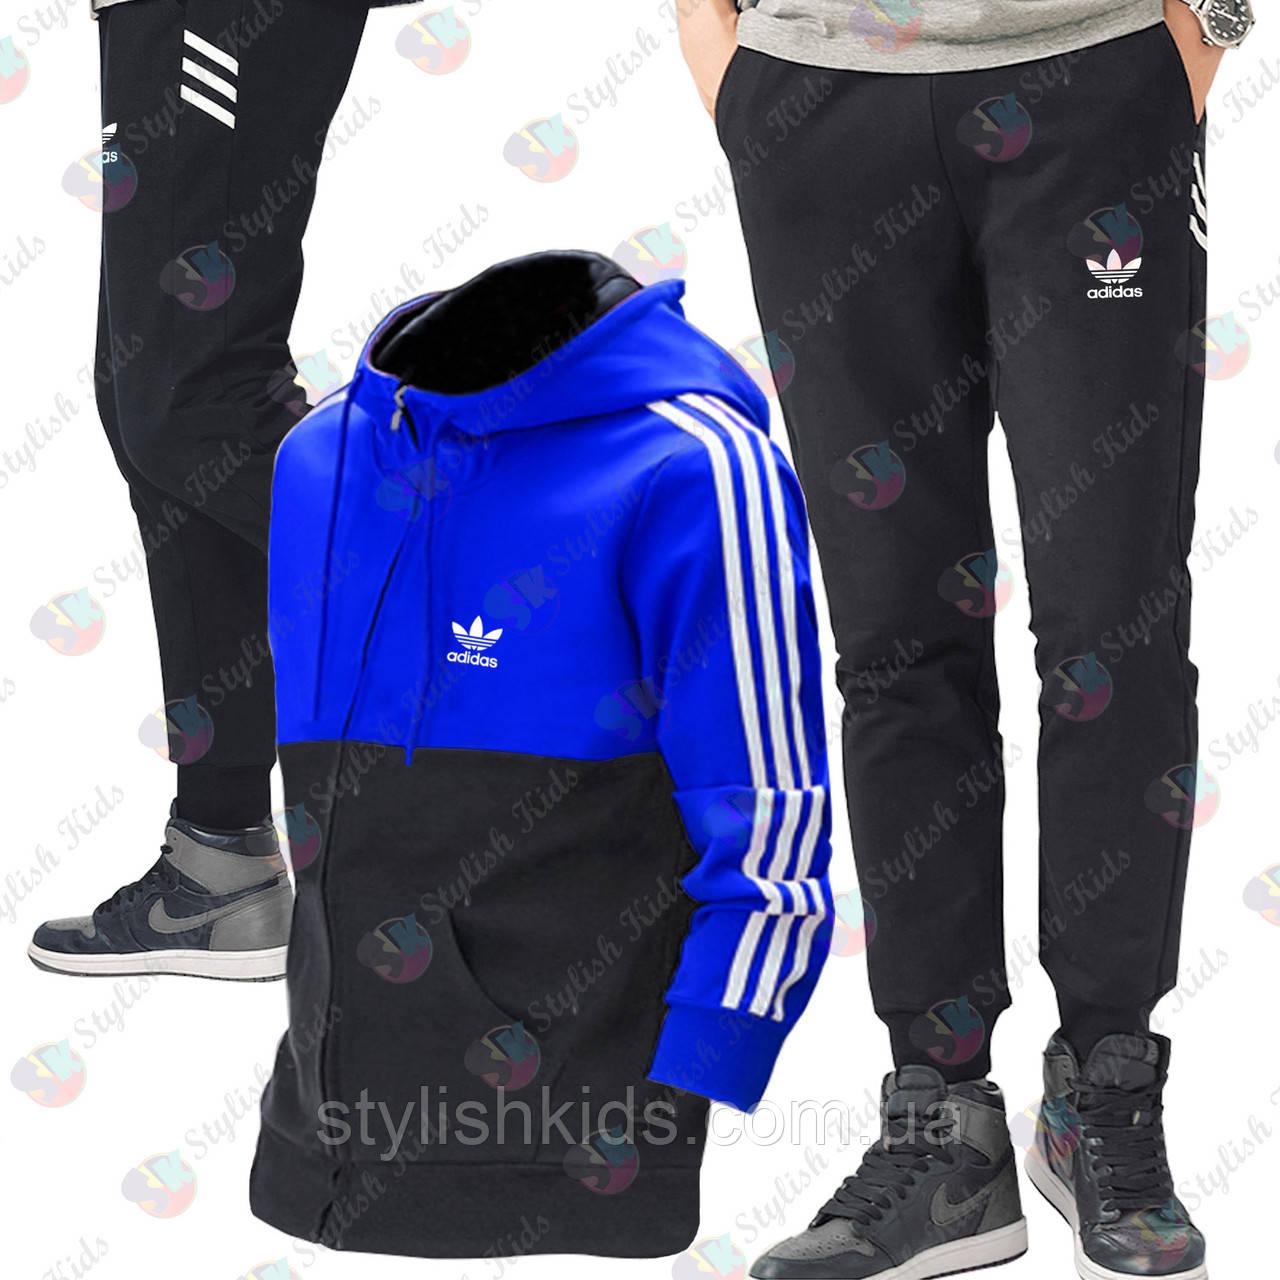 07d9222b Купить спортивный костюм для подростка.Купить спортивный костюм на мальчика  9-10 лет.